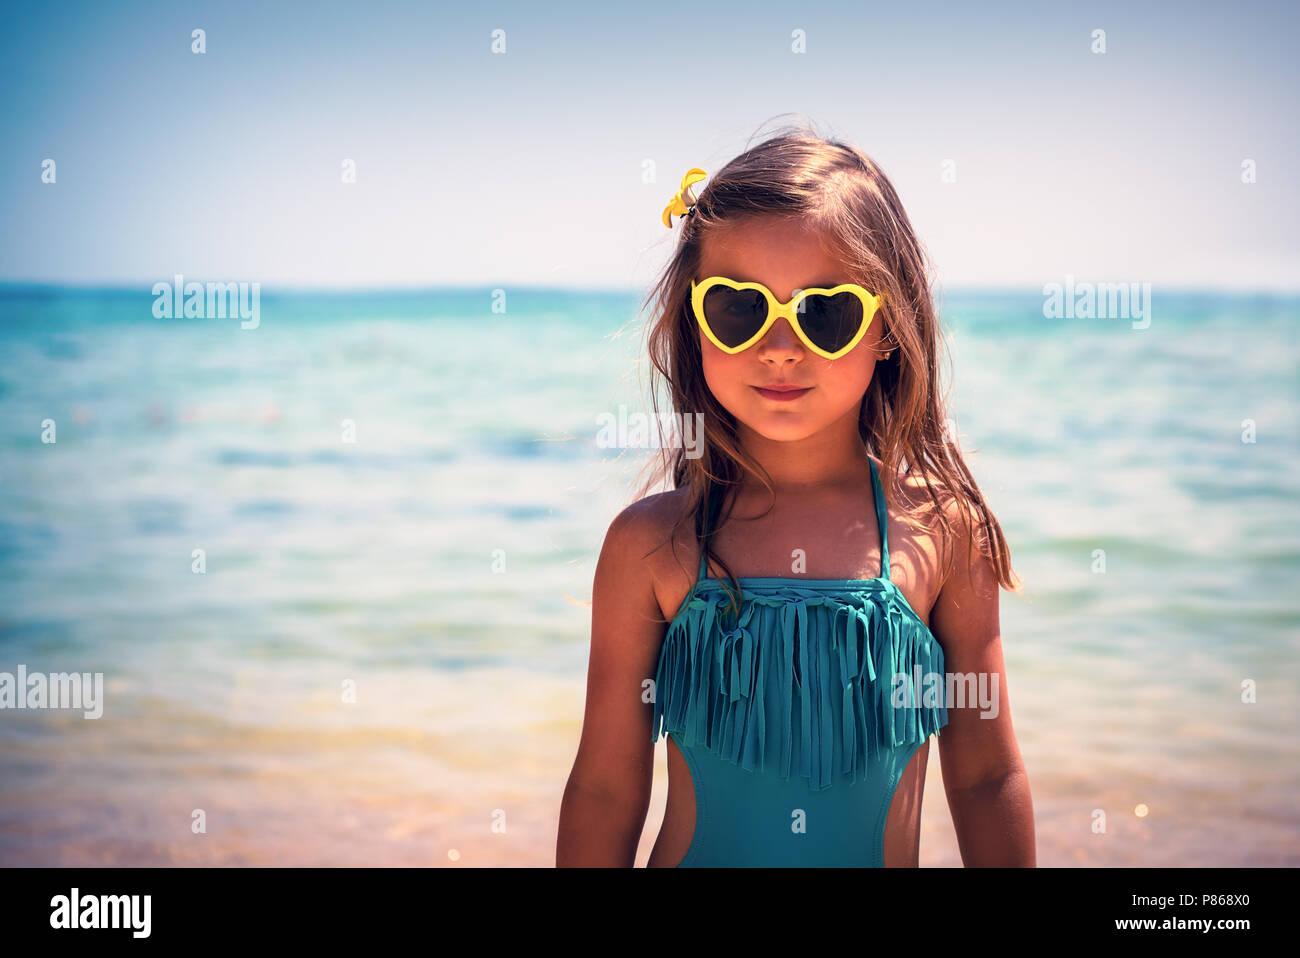 Retrato de una linda niña en la playa, el encanto de un niño llevaba elegante bañador y gafas de sol en forma de corazón, moda bebé, felices vacaciones de verano Imagen De Stock